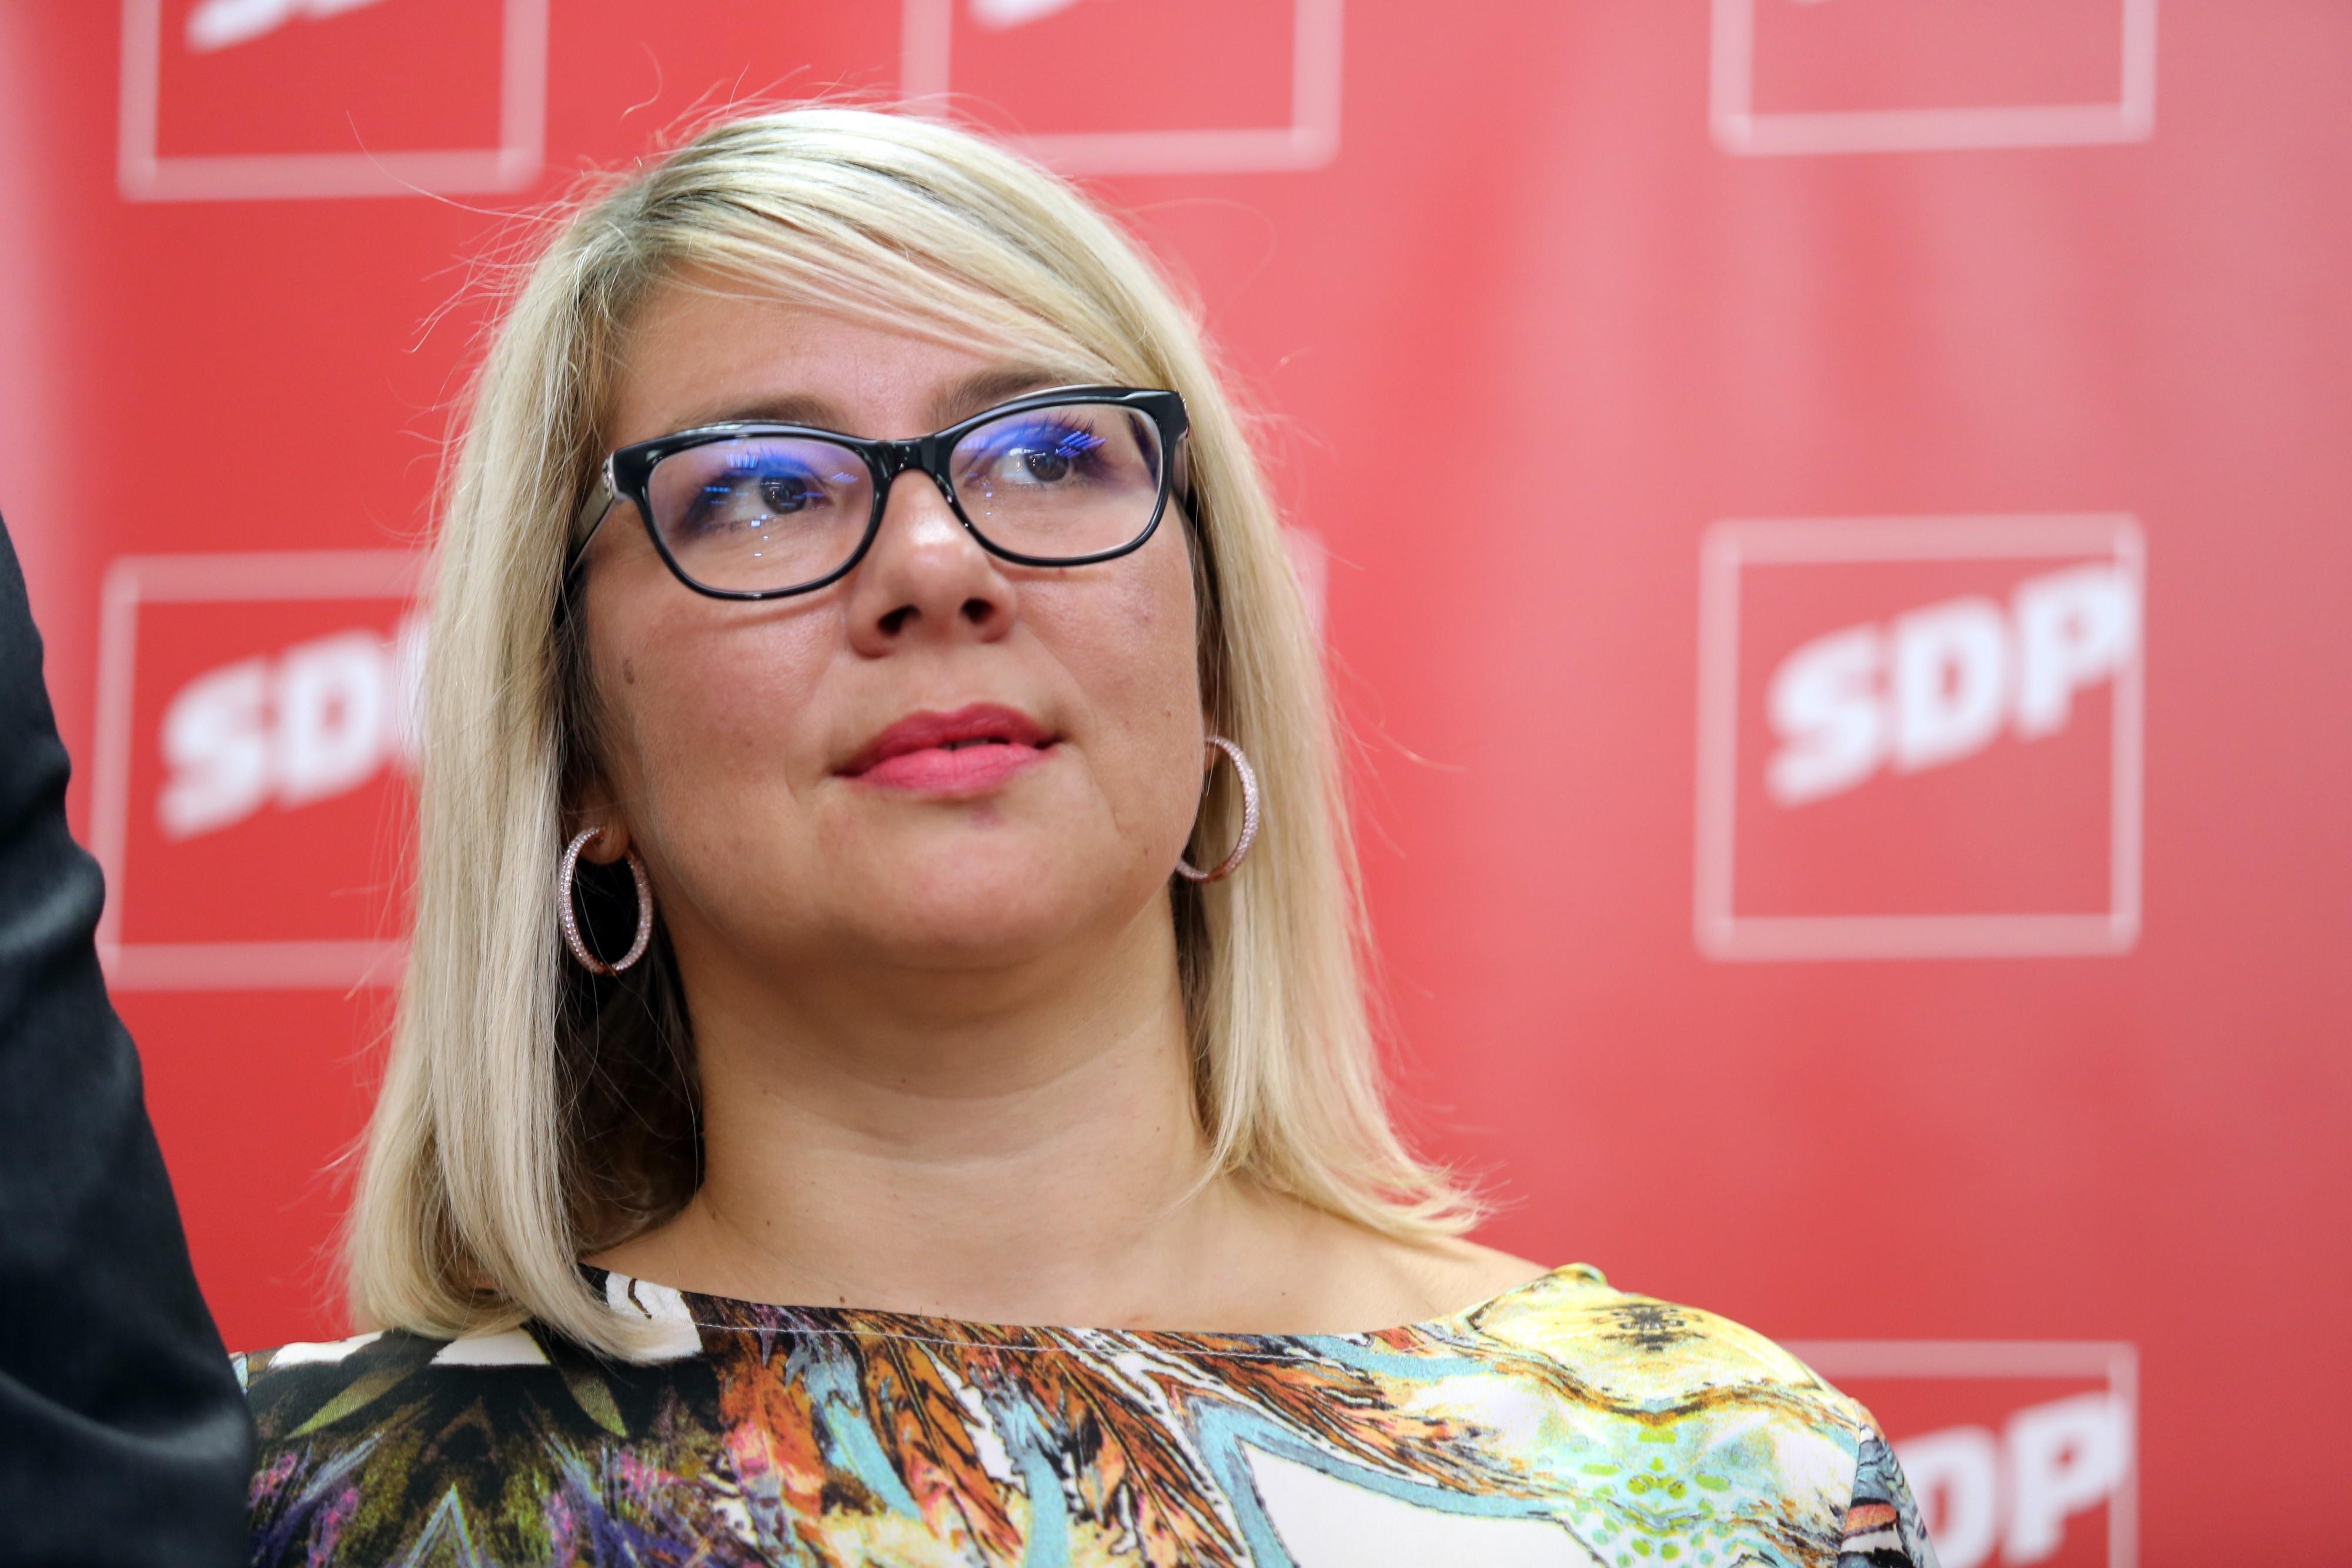 Riječka saborska zastupnica Ana Komparić Devčić istupila iz SDP-a